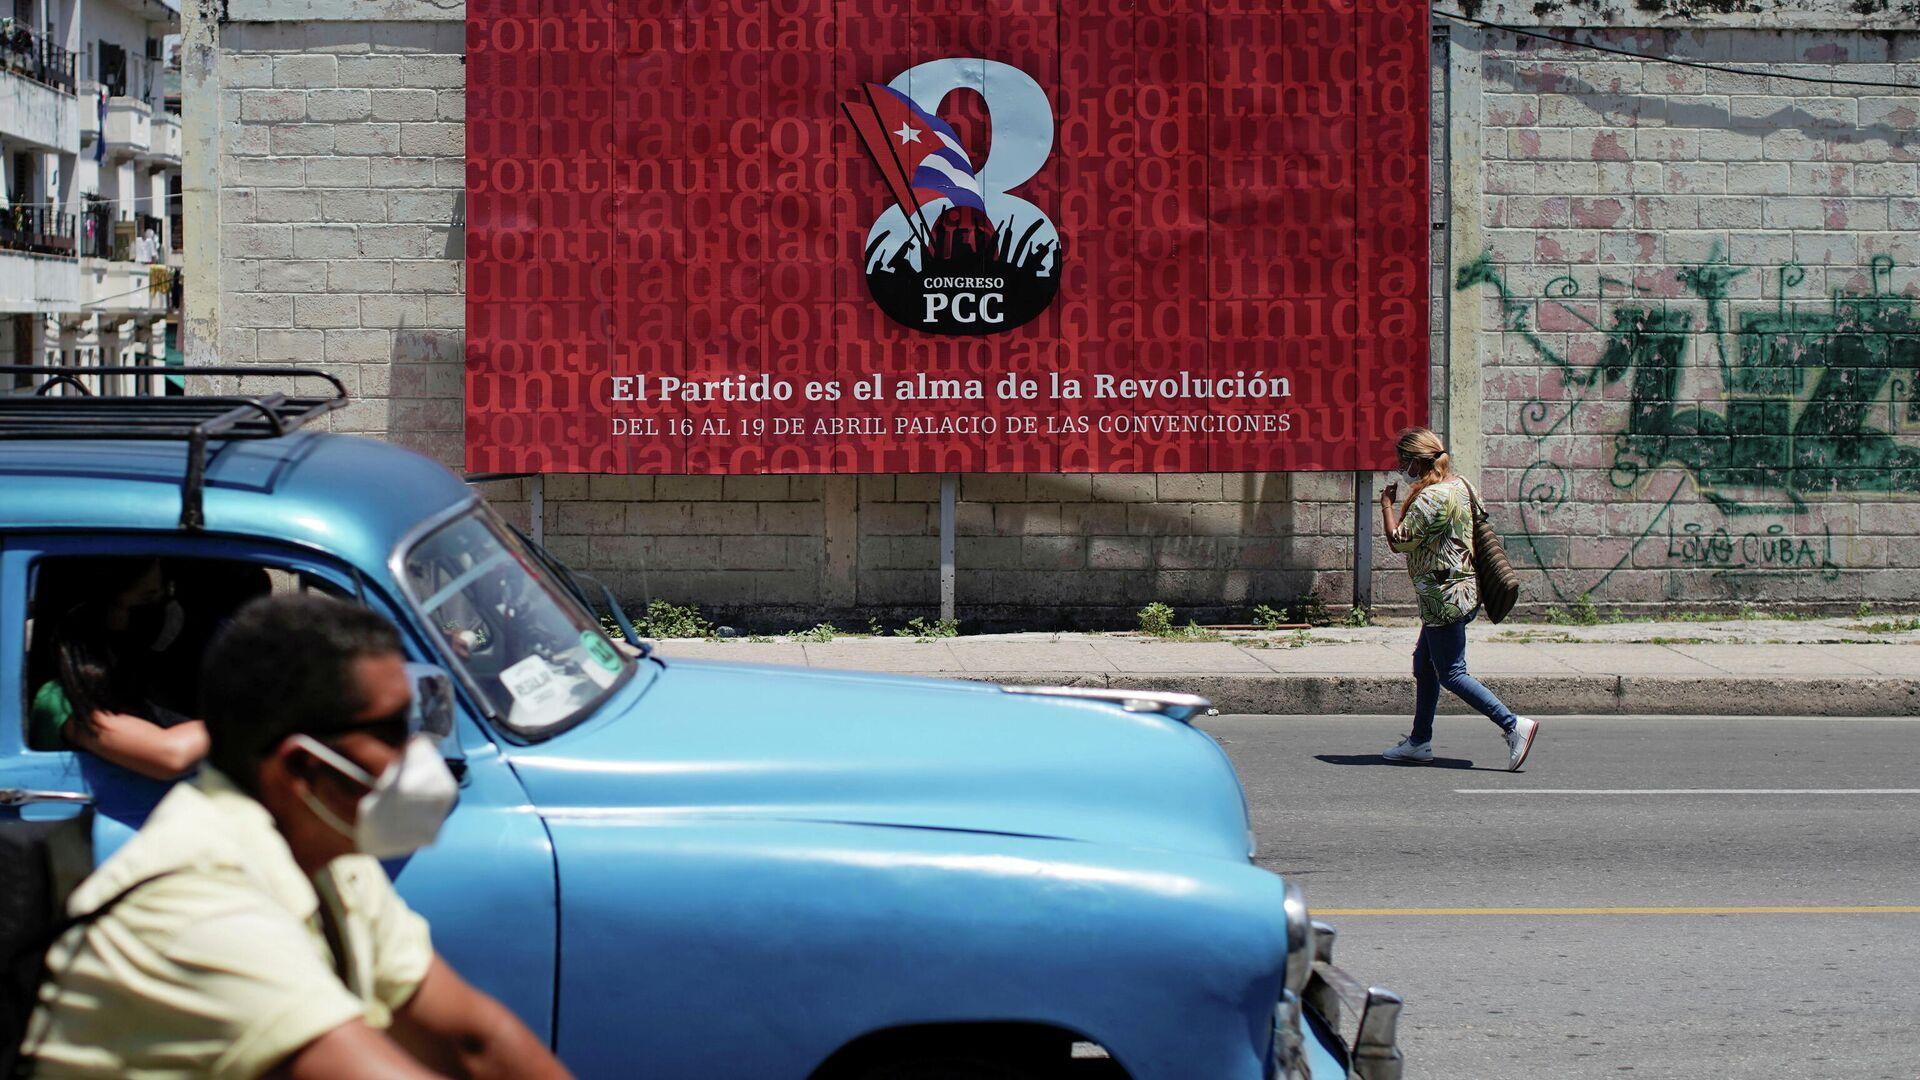 El VIII Congreso del Partido Comunista de Cuba (PCC) - Sputnik Mundo, 1920, 17.04.2021